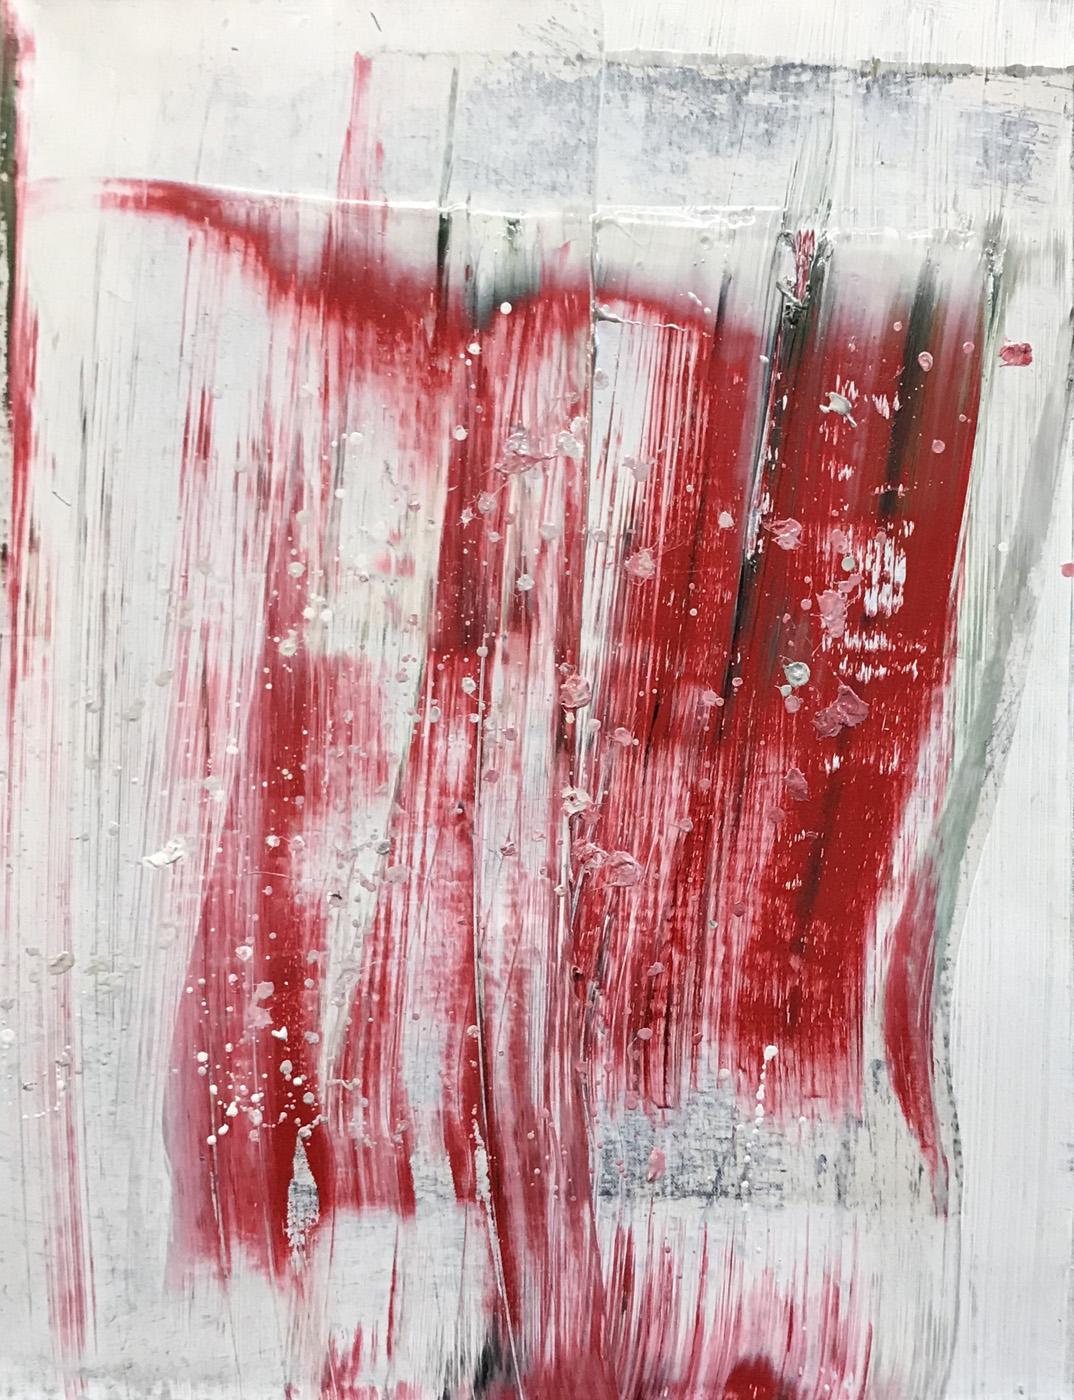 MARC FELD 2020 CORRIDA Huile sur papier marouflé sur toile 50 x 65 cm